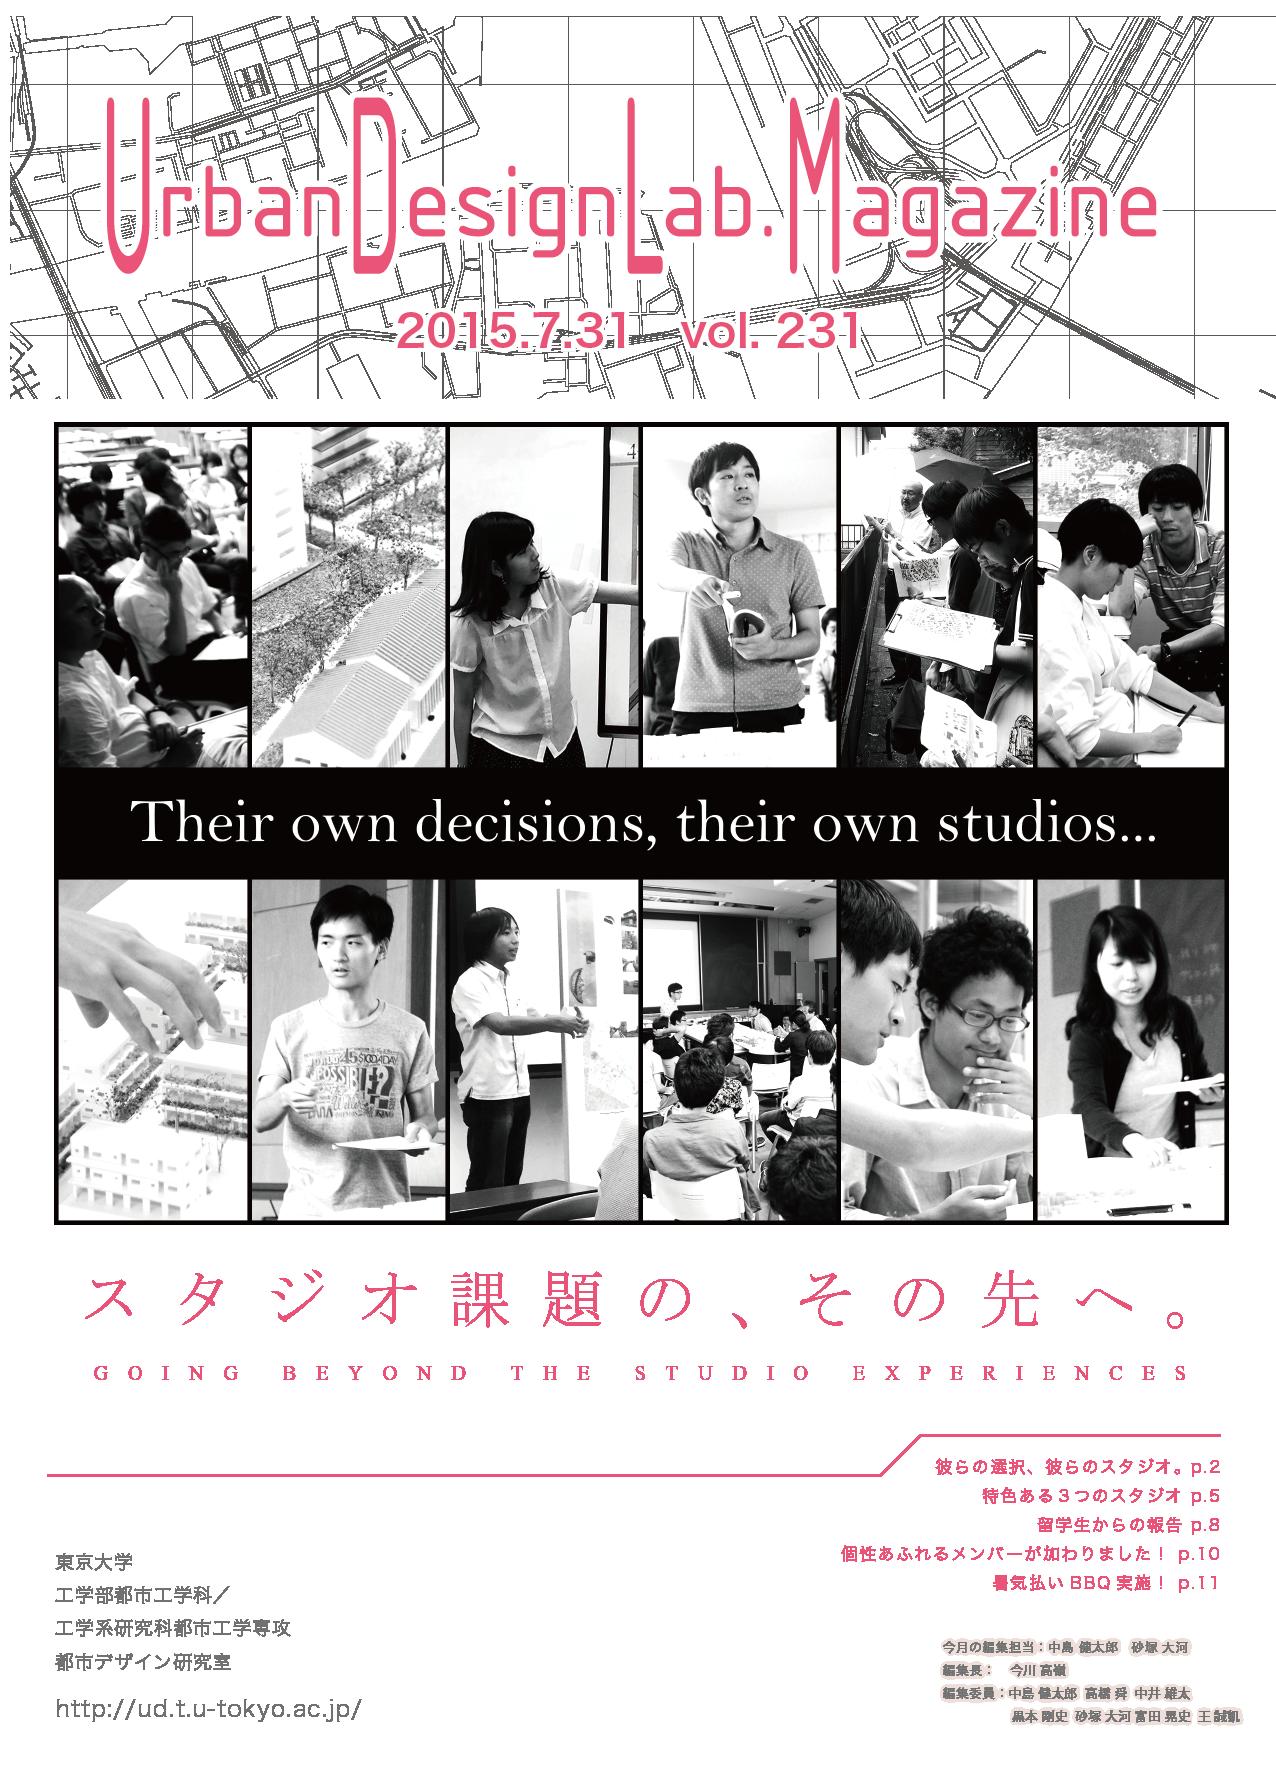 http://ud.t.u-tokyo.ac.jp/news/_images/labmaga231_hyousi-01.png